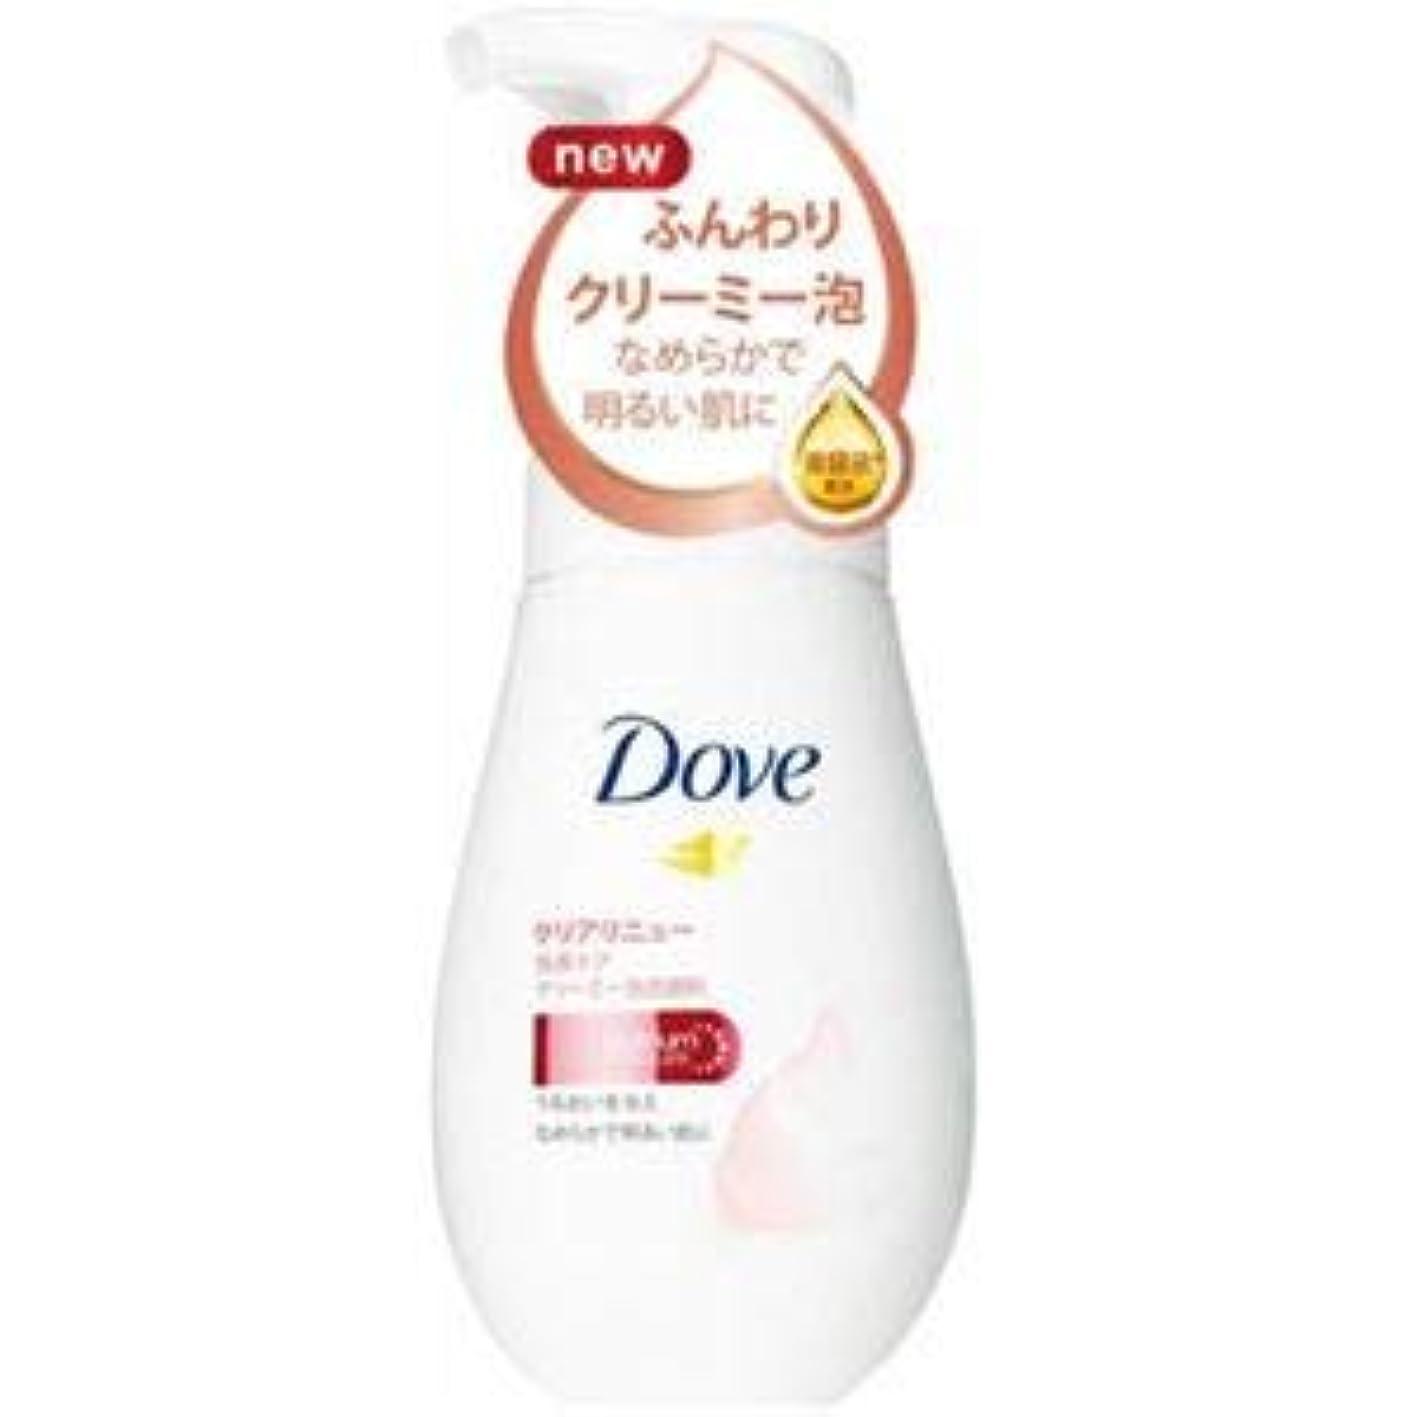 オゾン地震とんでもない(まとめ)ユニリーバ Dove(ダヴ) ダヴクリアリニュークリーミー泡洗顔料 【×3点セット】